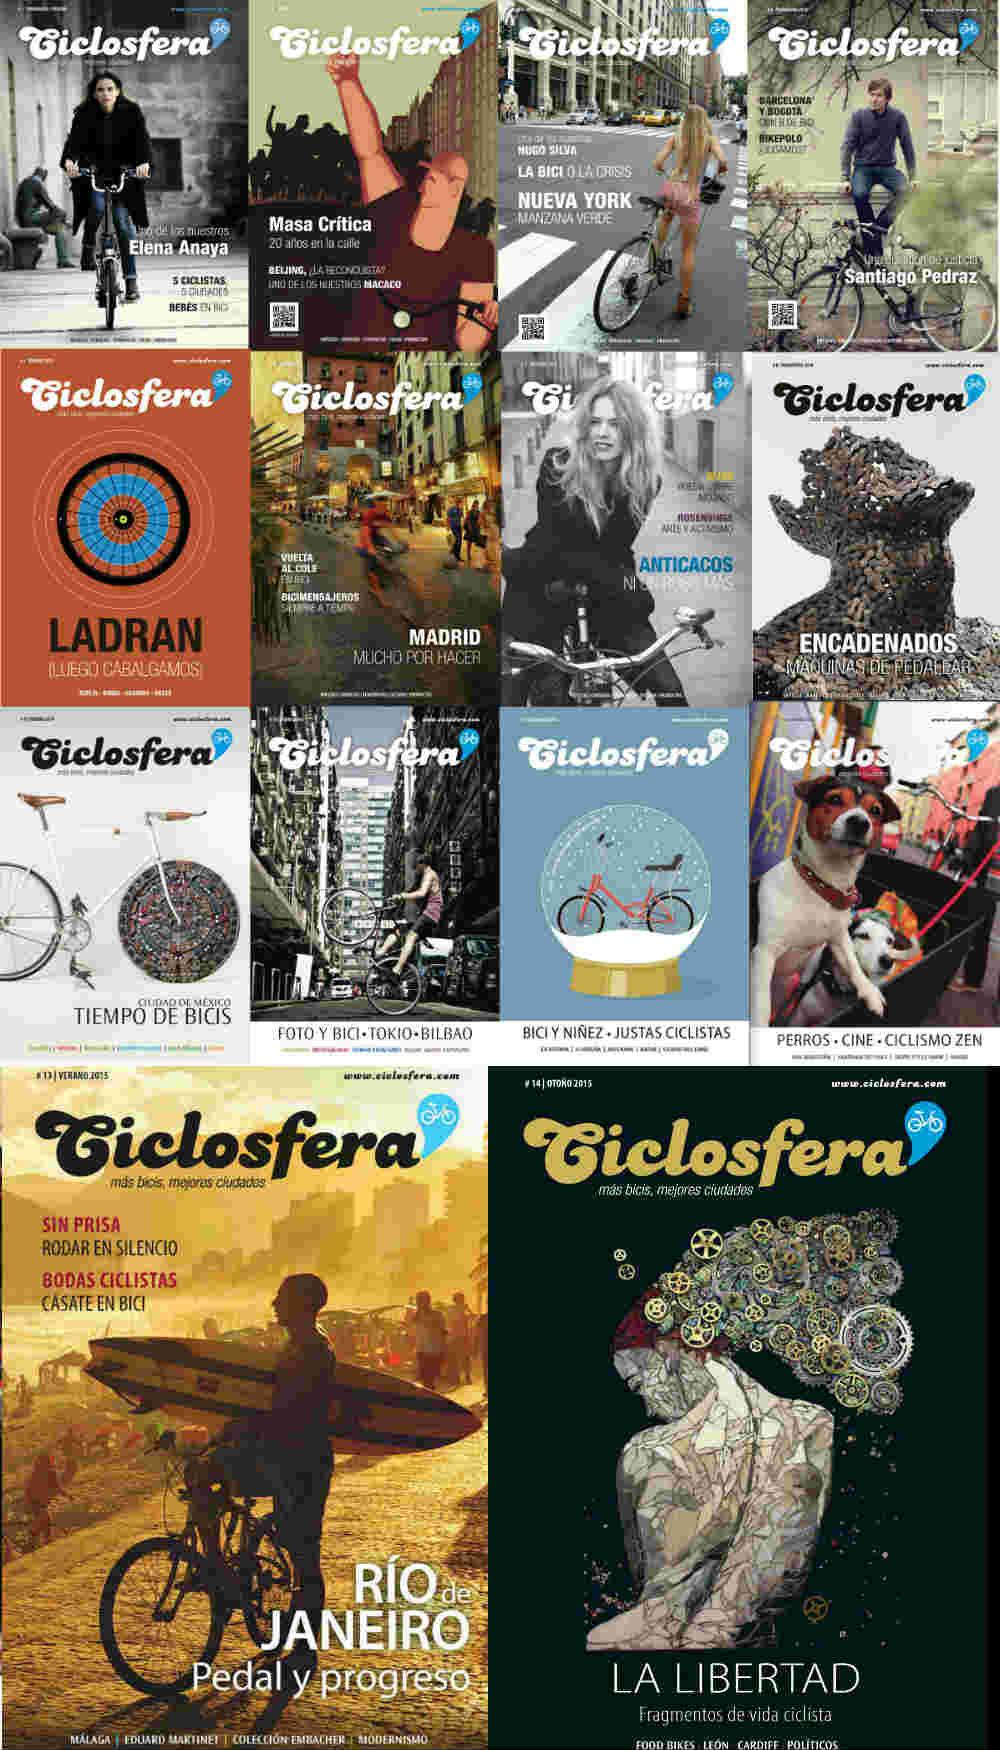 Colección Cilcosfera